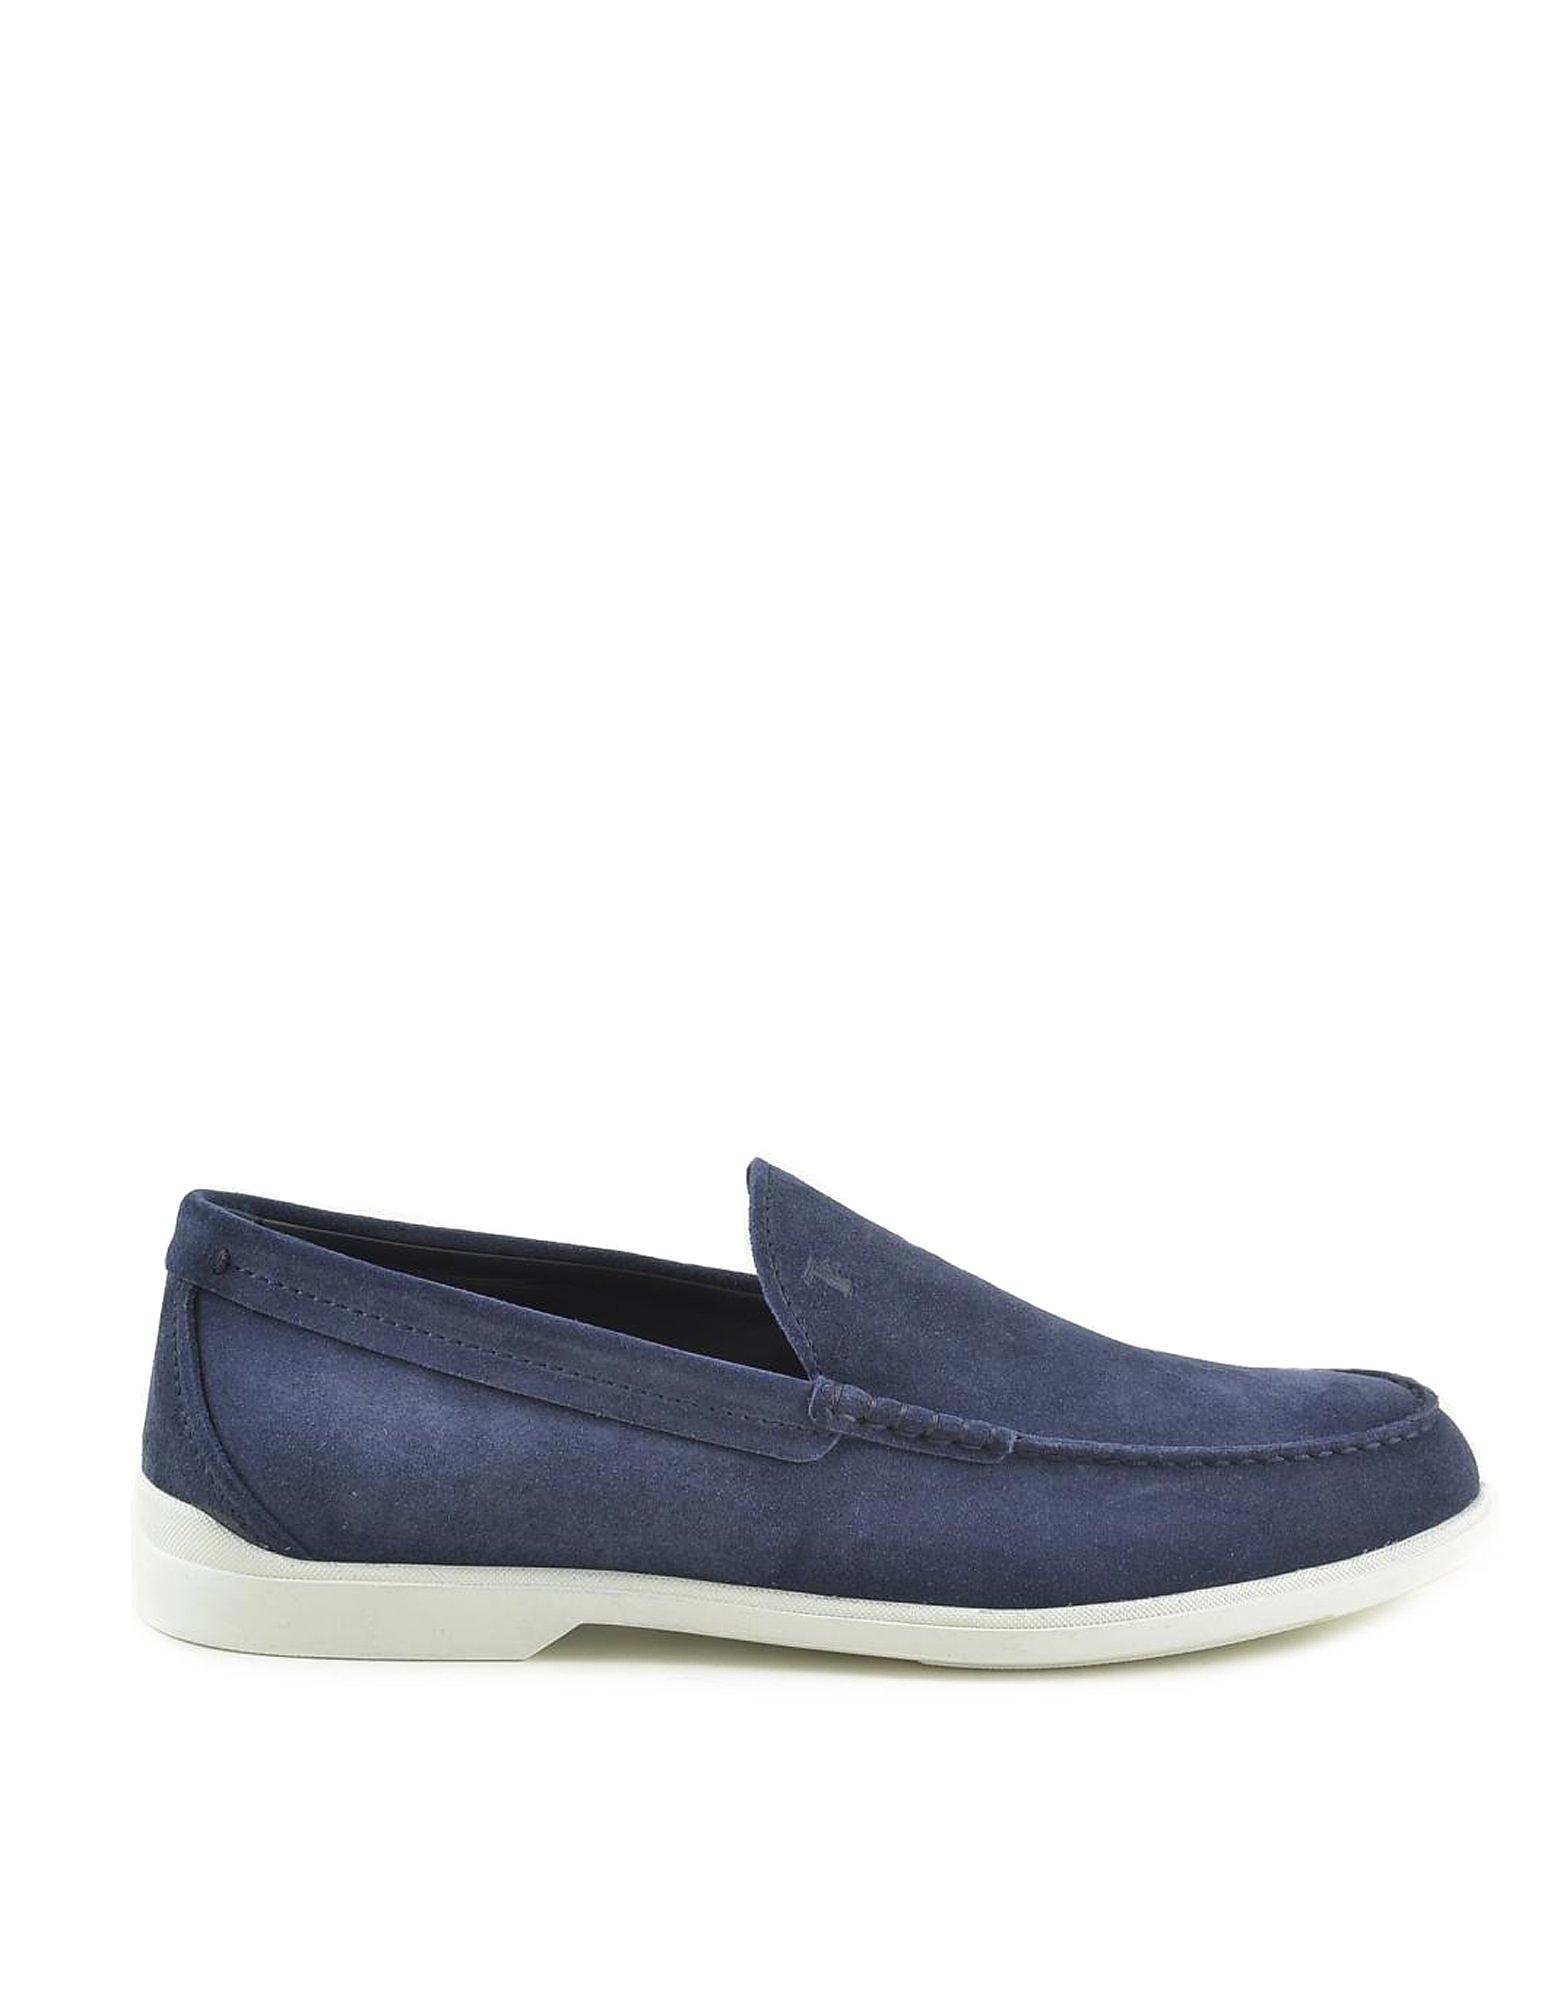 Tod's Designer Shoes, Men's Blue Shoes